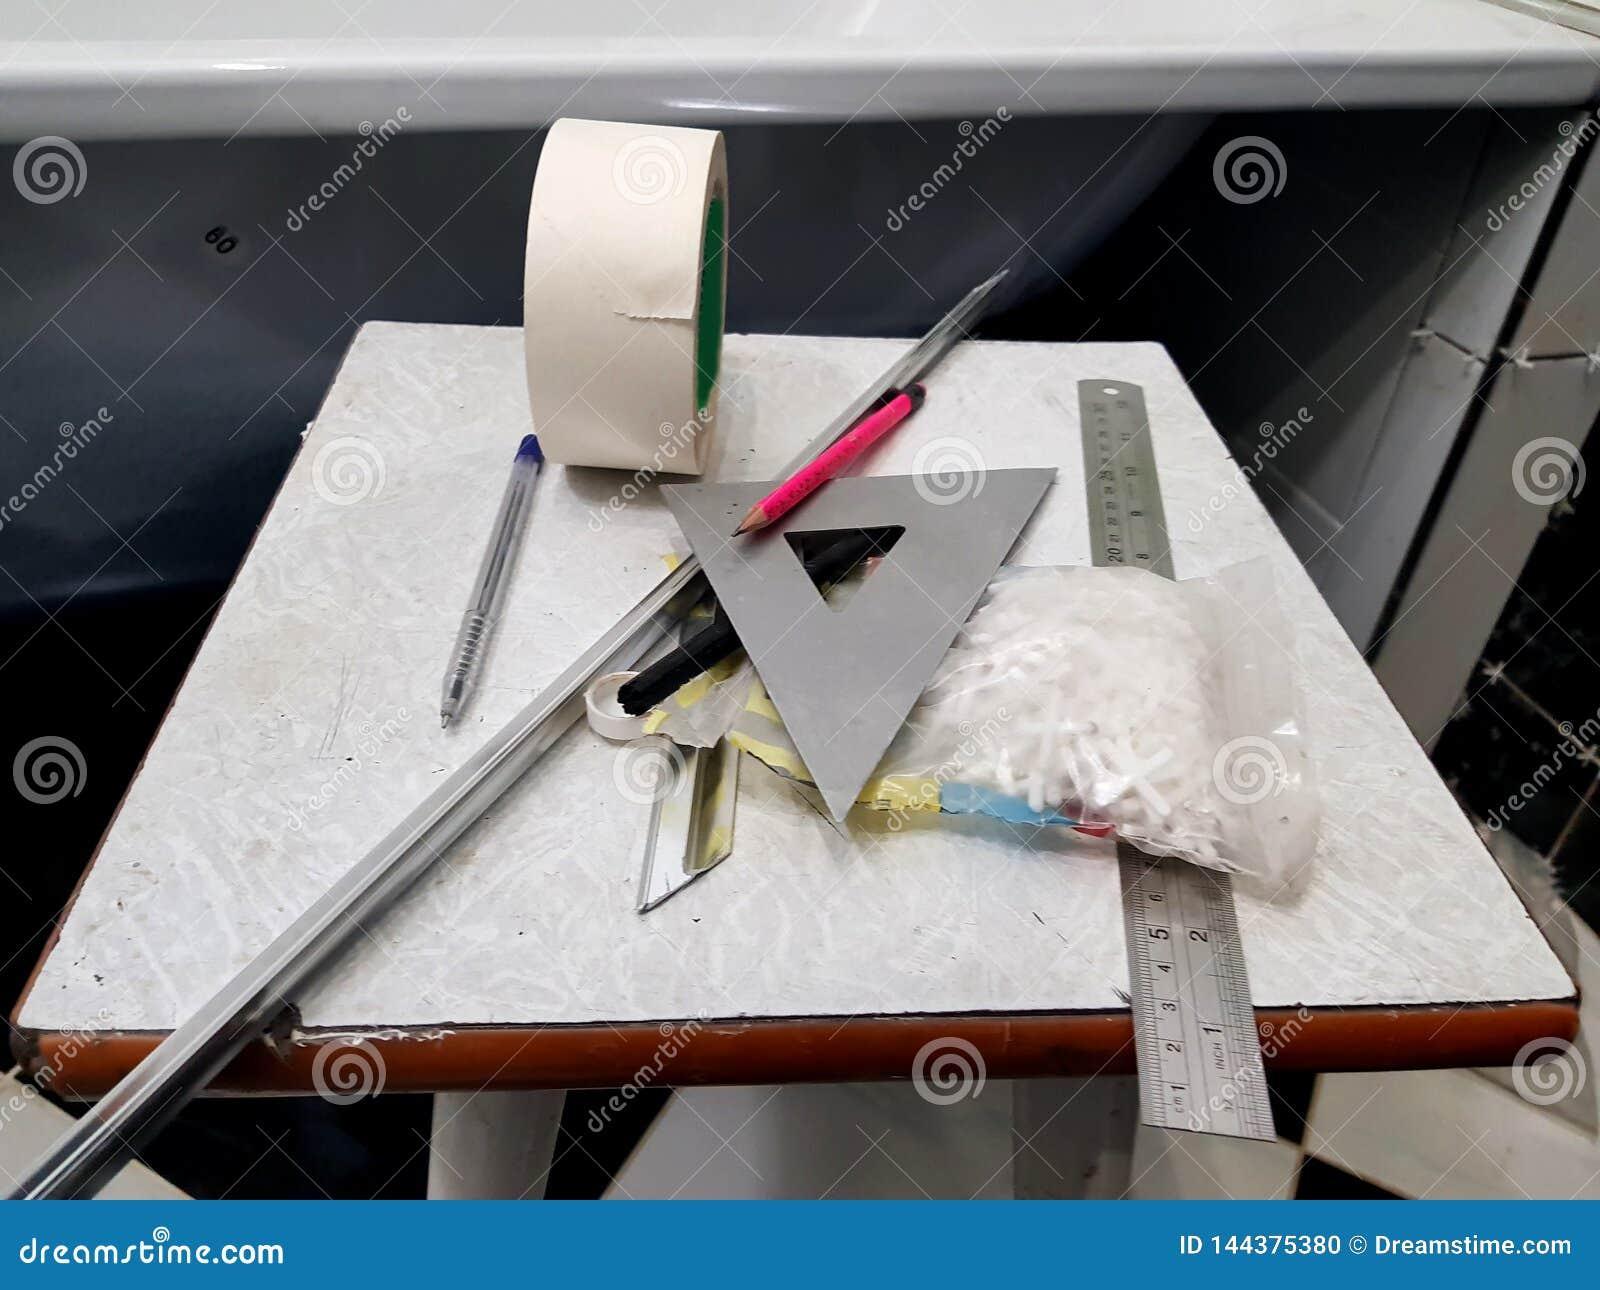 Reparatur - Geb?ude mit Werkzeugen, Ma?band, Bleistift, Stift, Markierung, selbsthaftendes Kreppband, Dreieck, Ecke, Fliesenecken